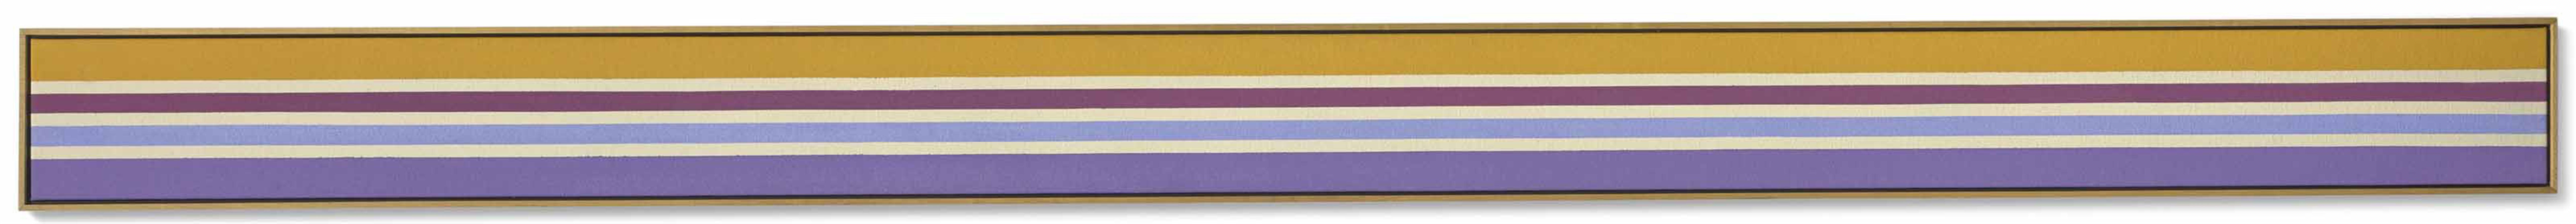 Kenneth Noland-Twenty Times-1969